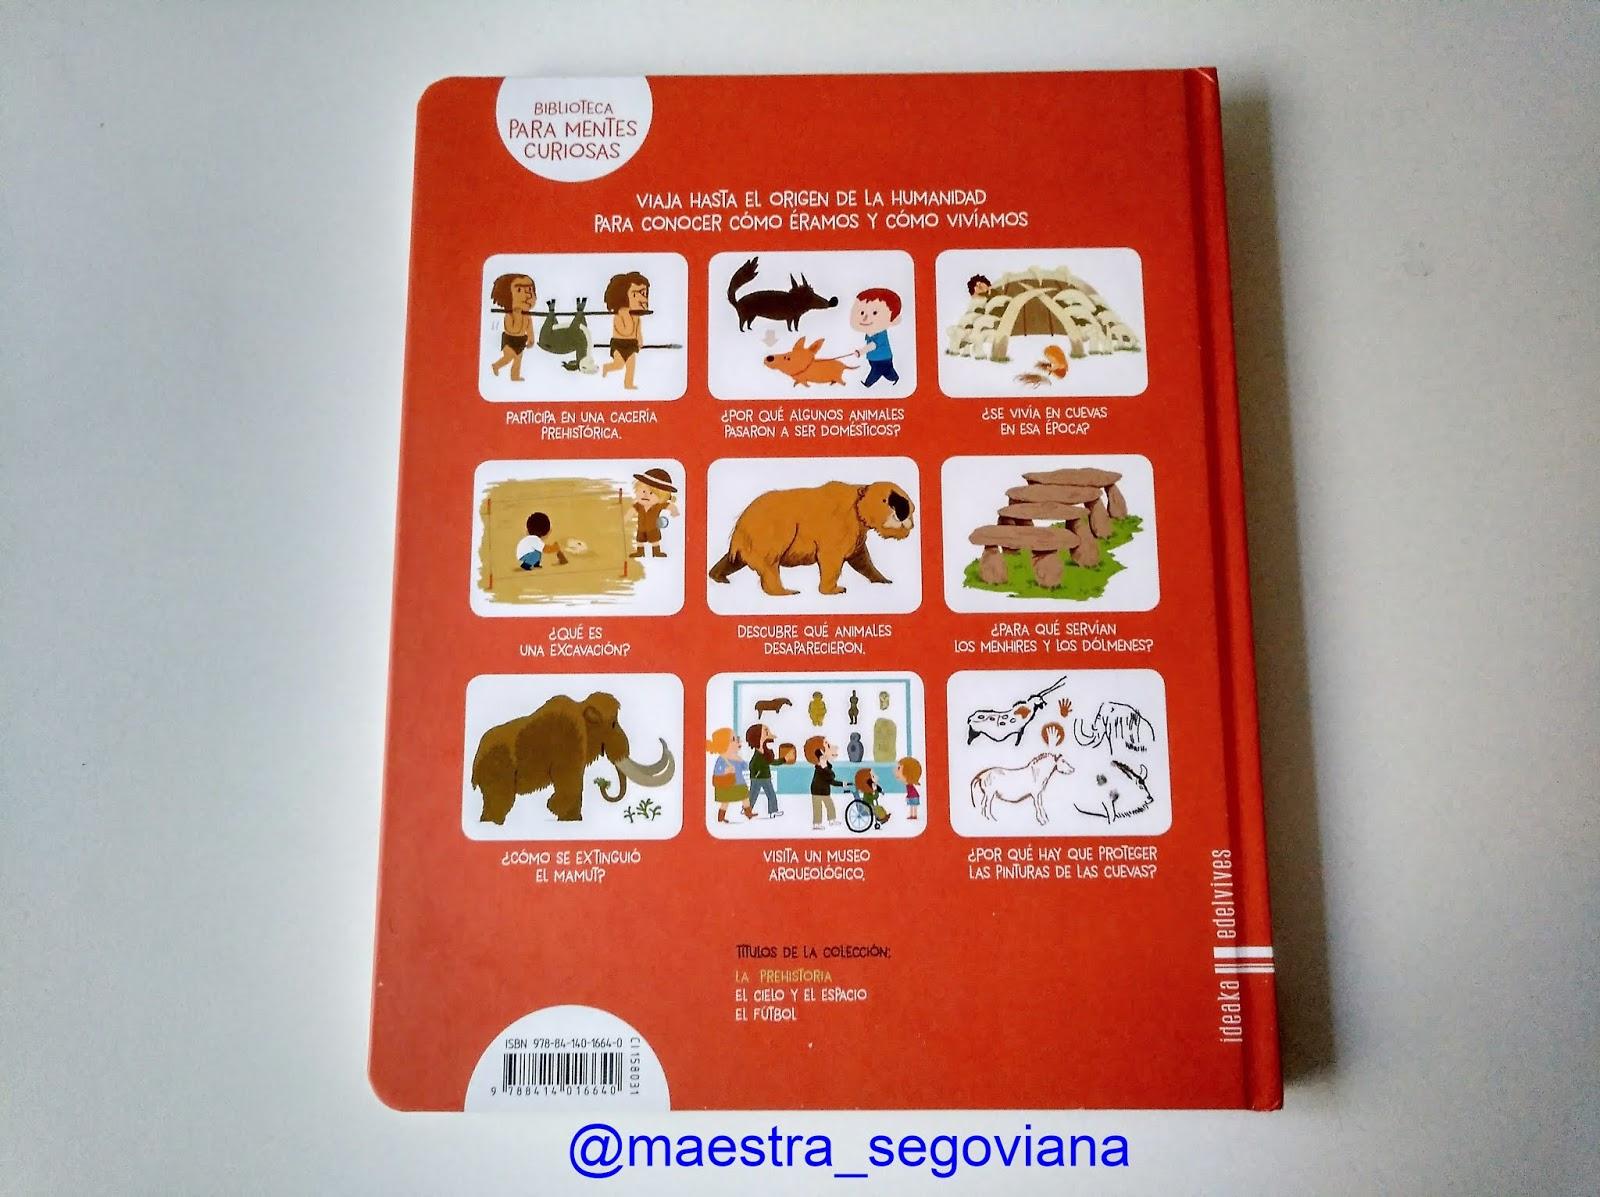 """Foto 8: contraportada del libro """"La prehistoria"""" de Edelvives. Fuente:  elaboración propia."""